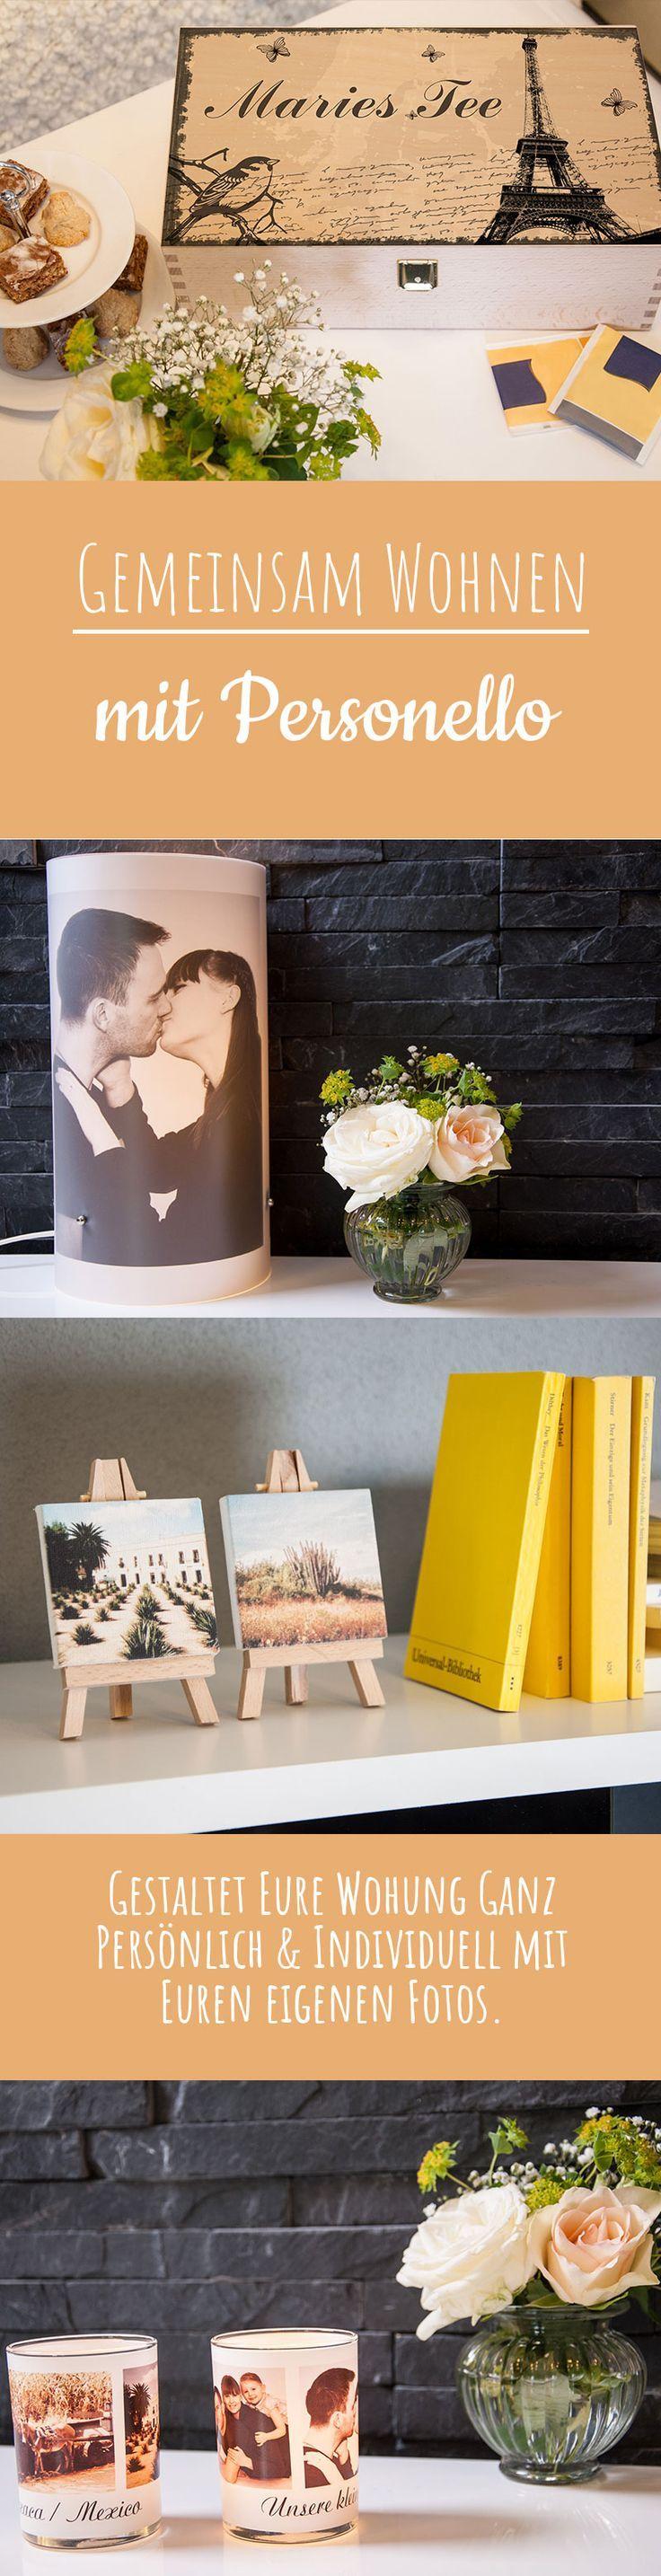 Gestaltet eure Wohnung ganz persönlich und individuell mit euren eigenen Fotos Schöner Wohnen Nicht